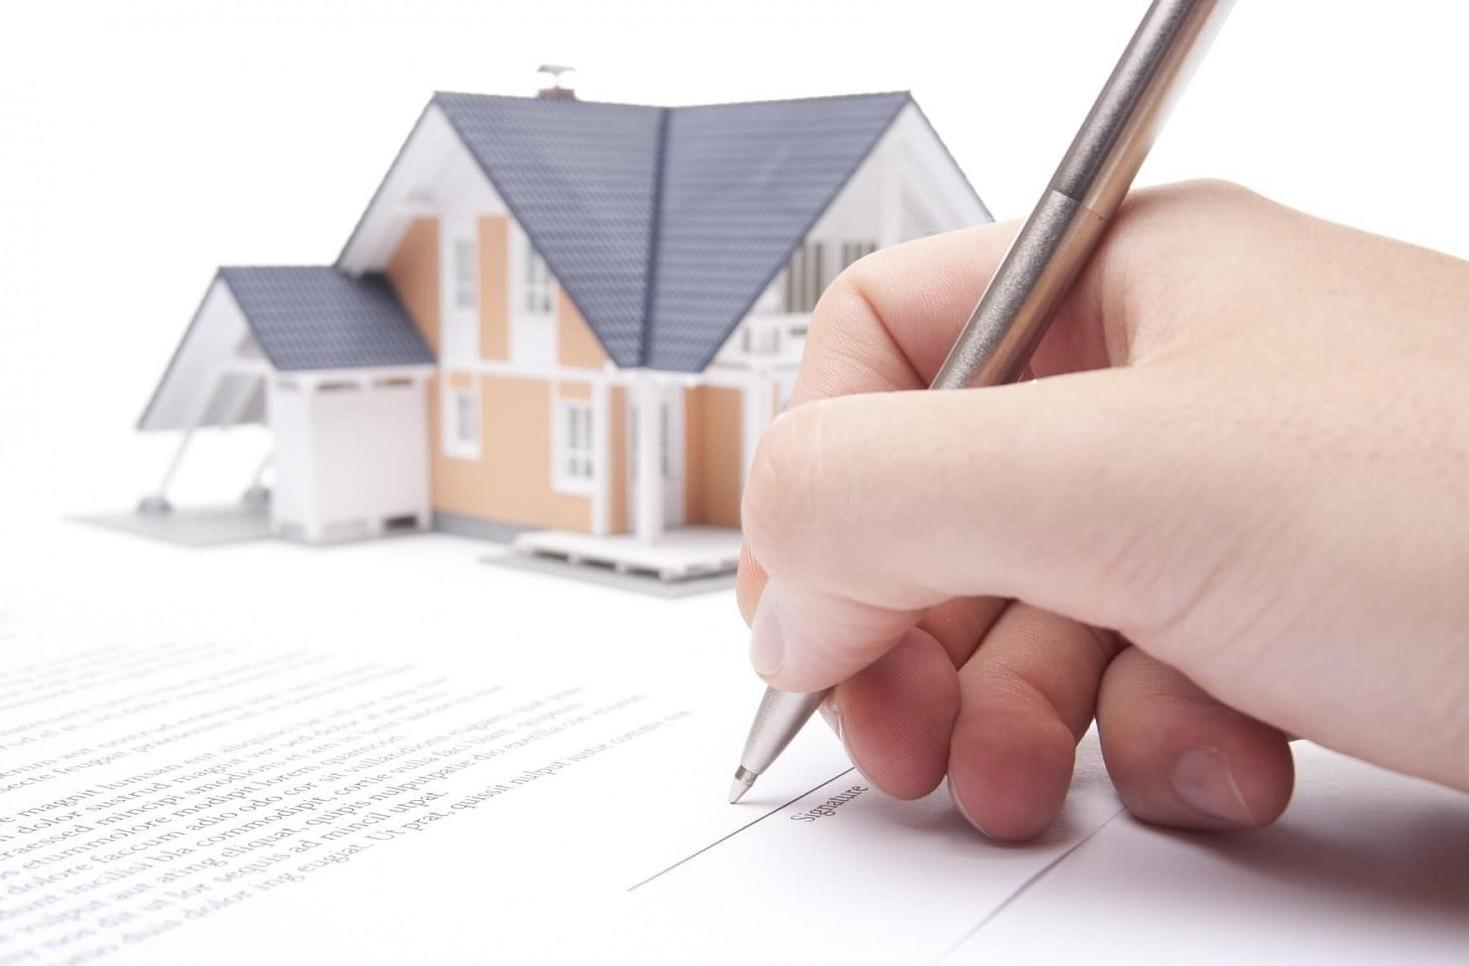 Spese detraibili acquisto casa tra costi notaio, mutuo, istruttoria, polizza assicurativa e bollo